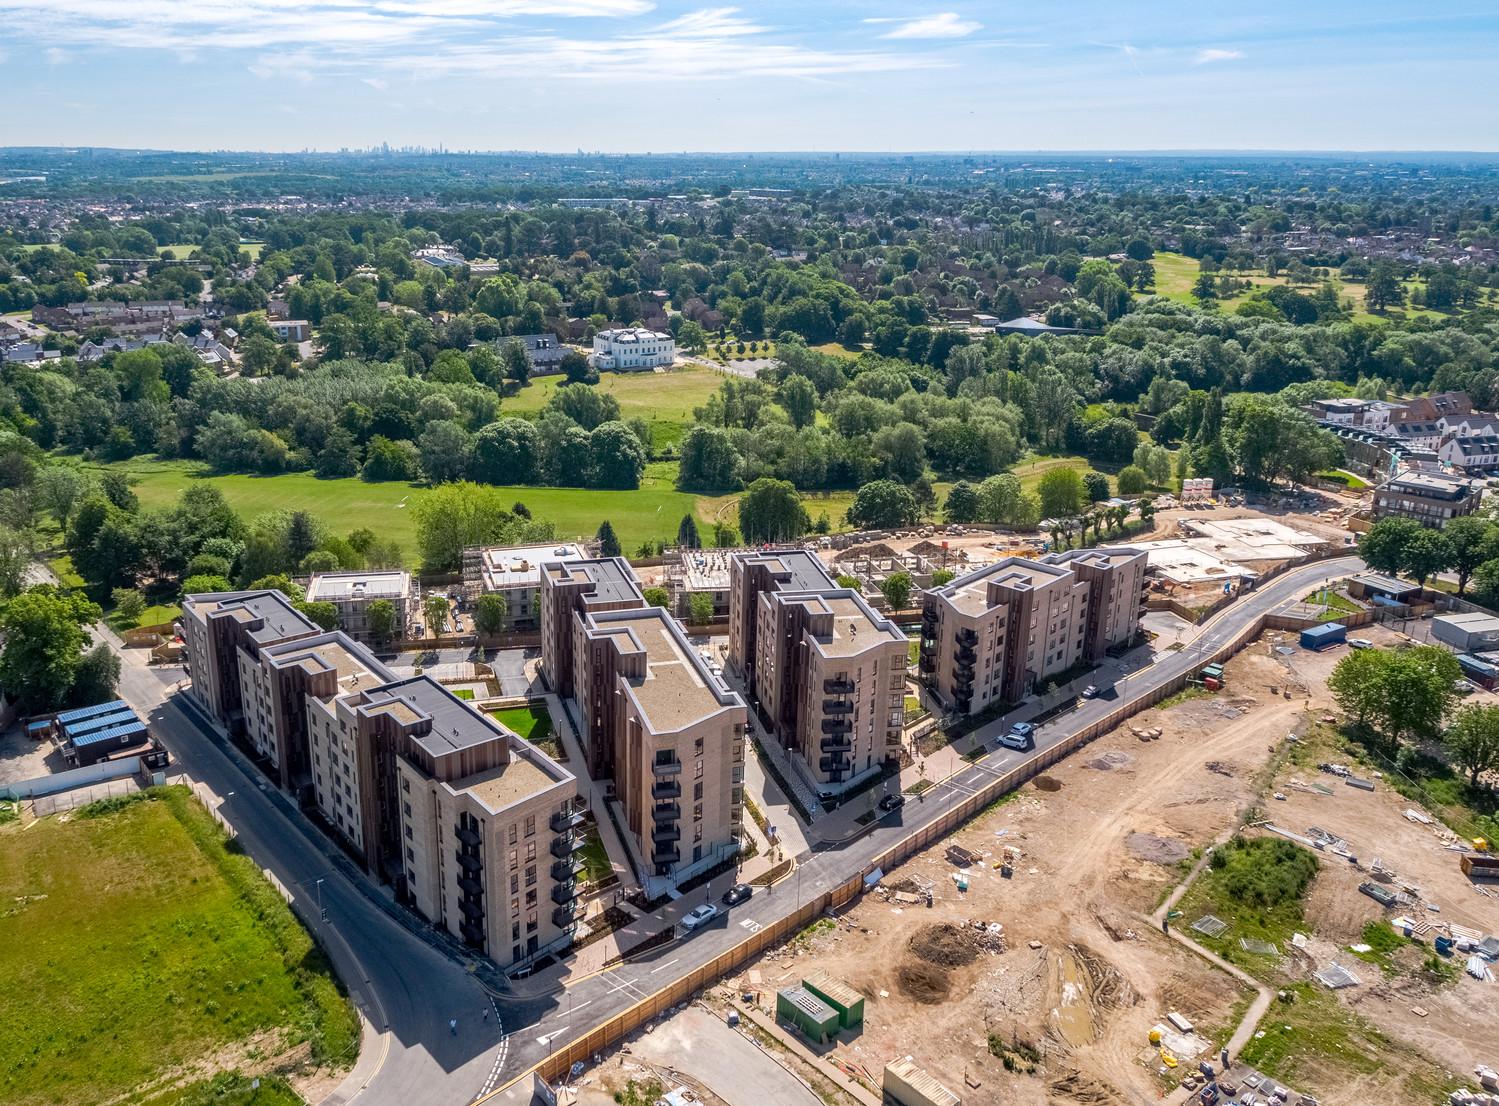 St. Andrew's Park, Uxbridge